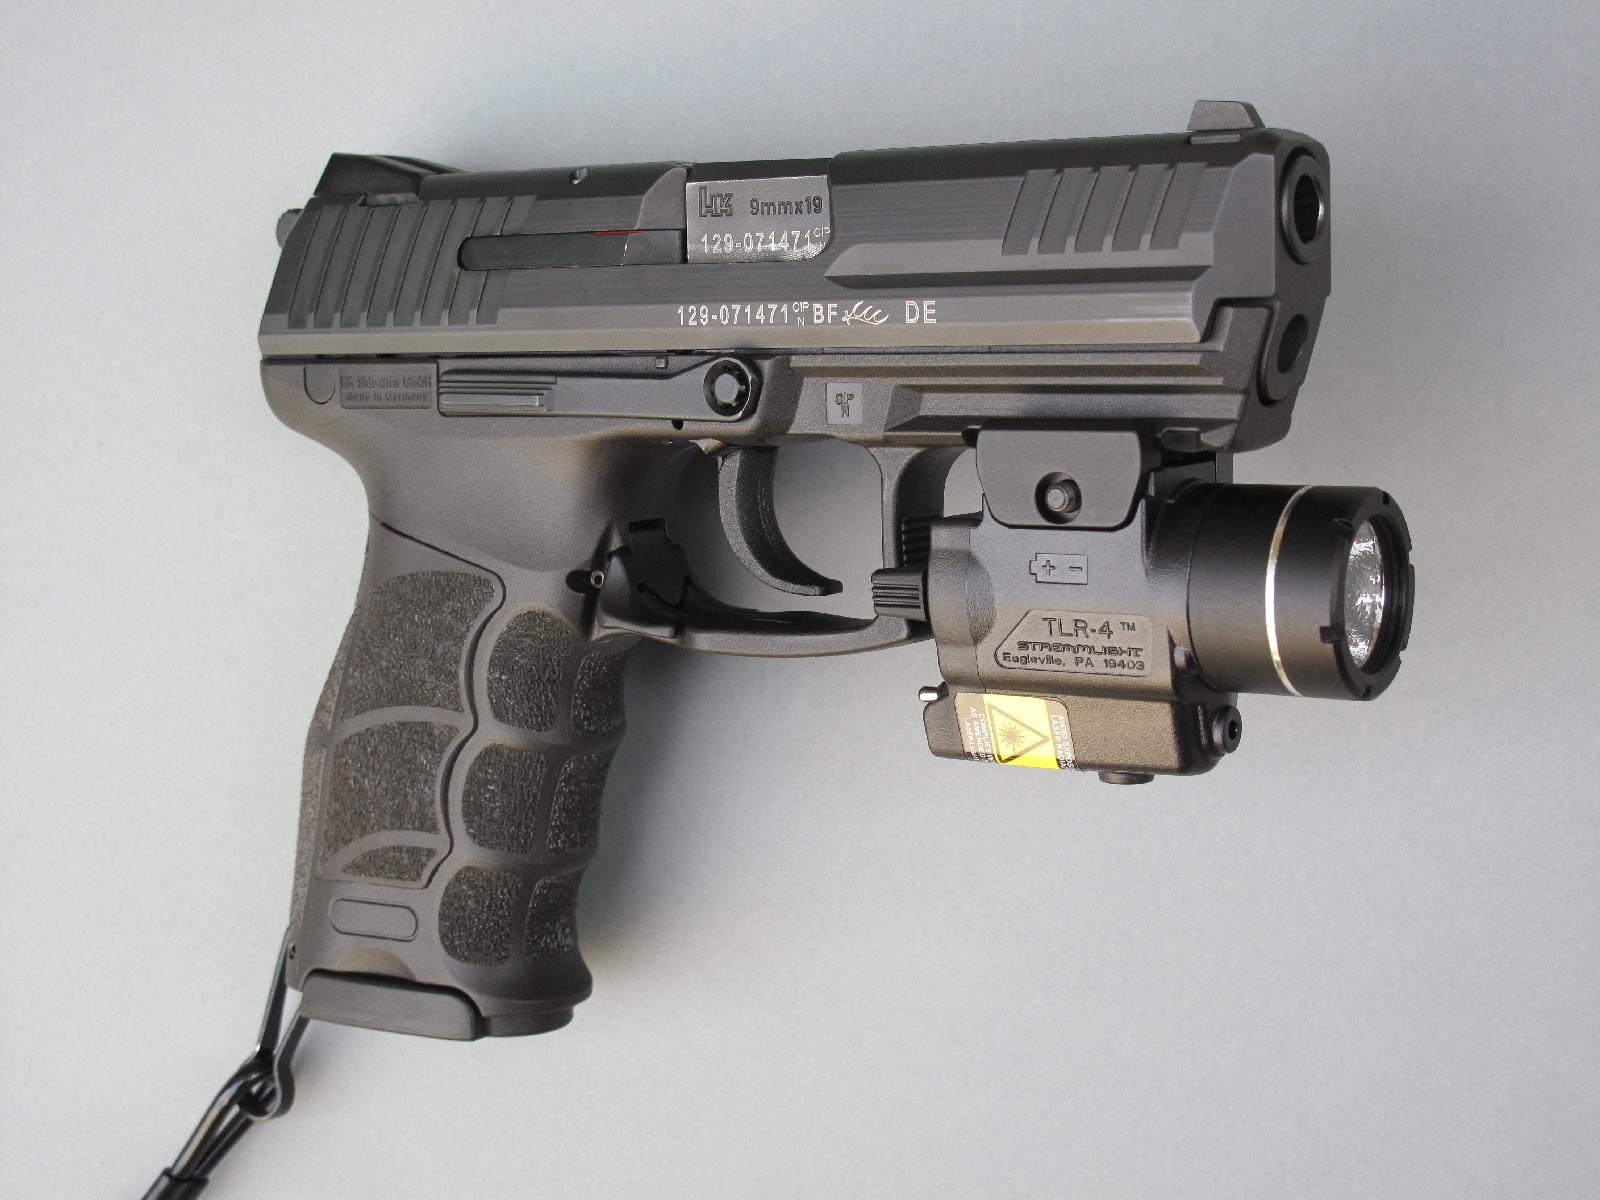 Le HK P30 se présente comme un pistolet semi-automatique particulièrement compact, ses dimensions étant même très légèrement inférieures à celles du Glock 19.